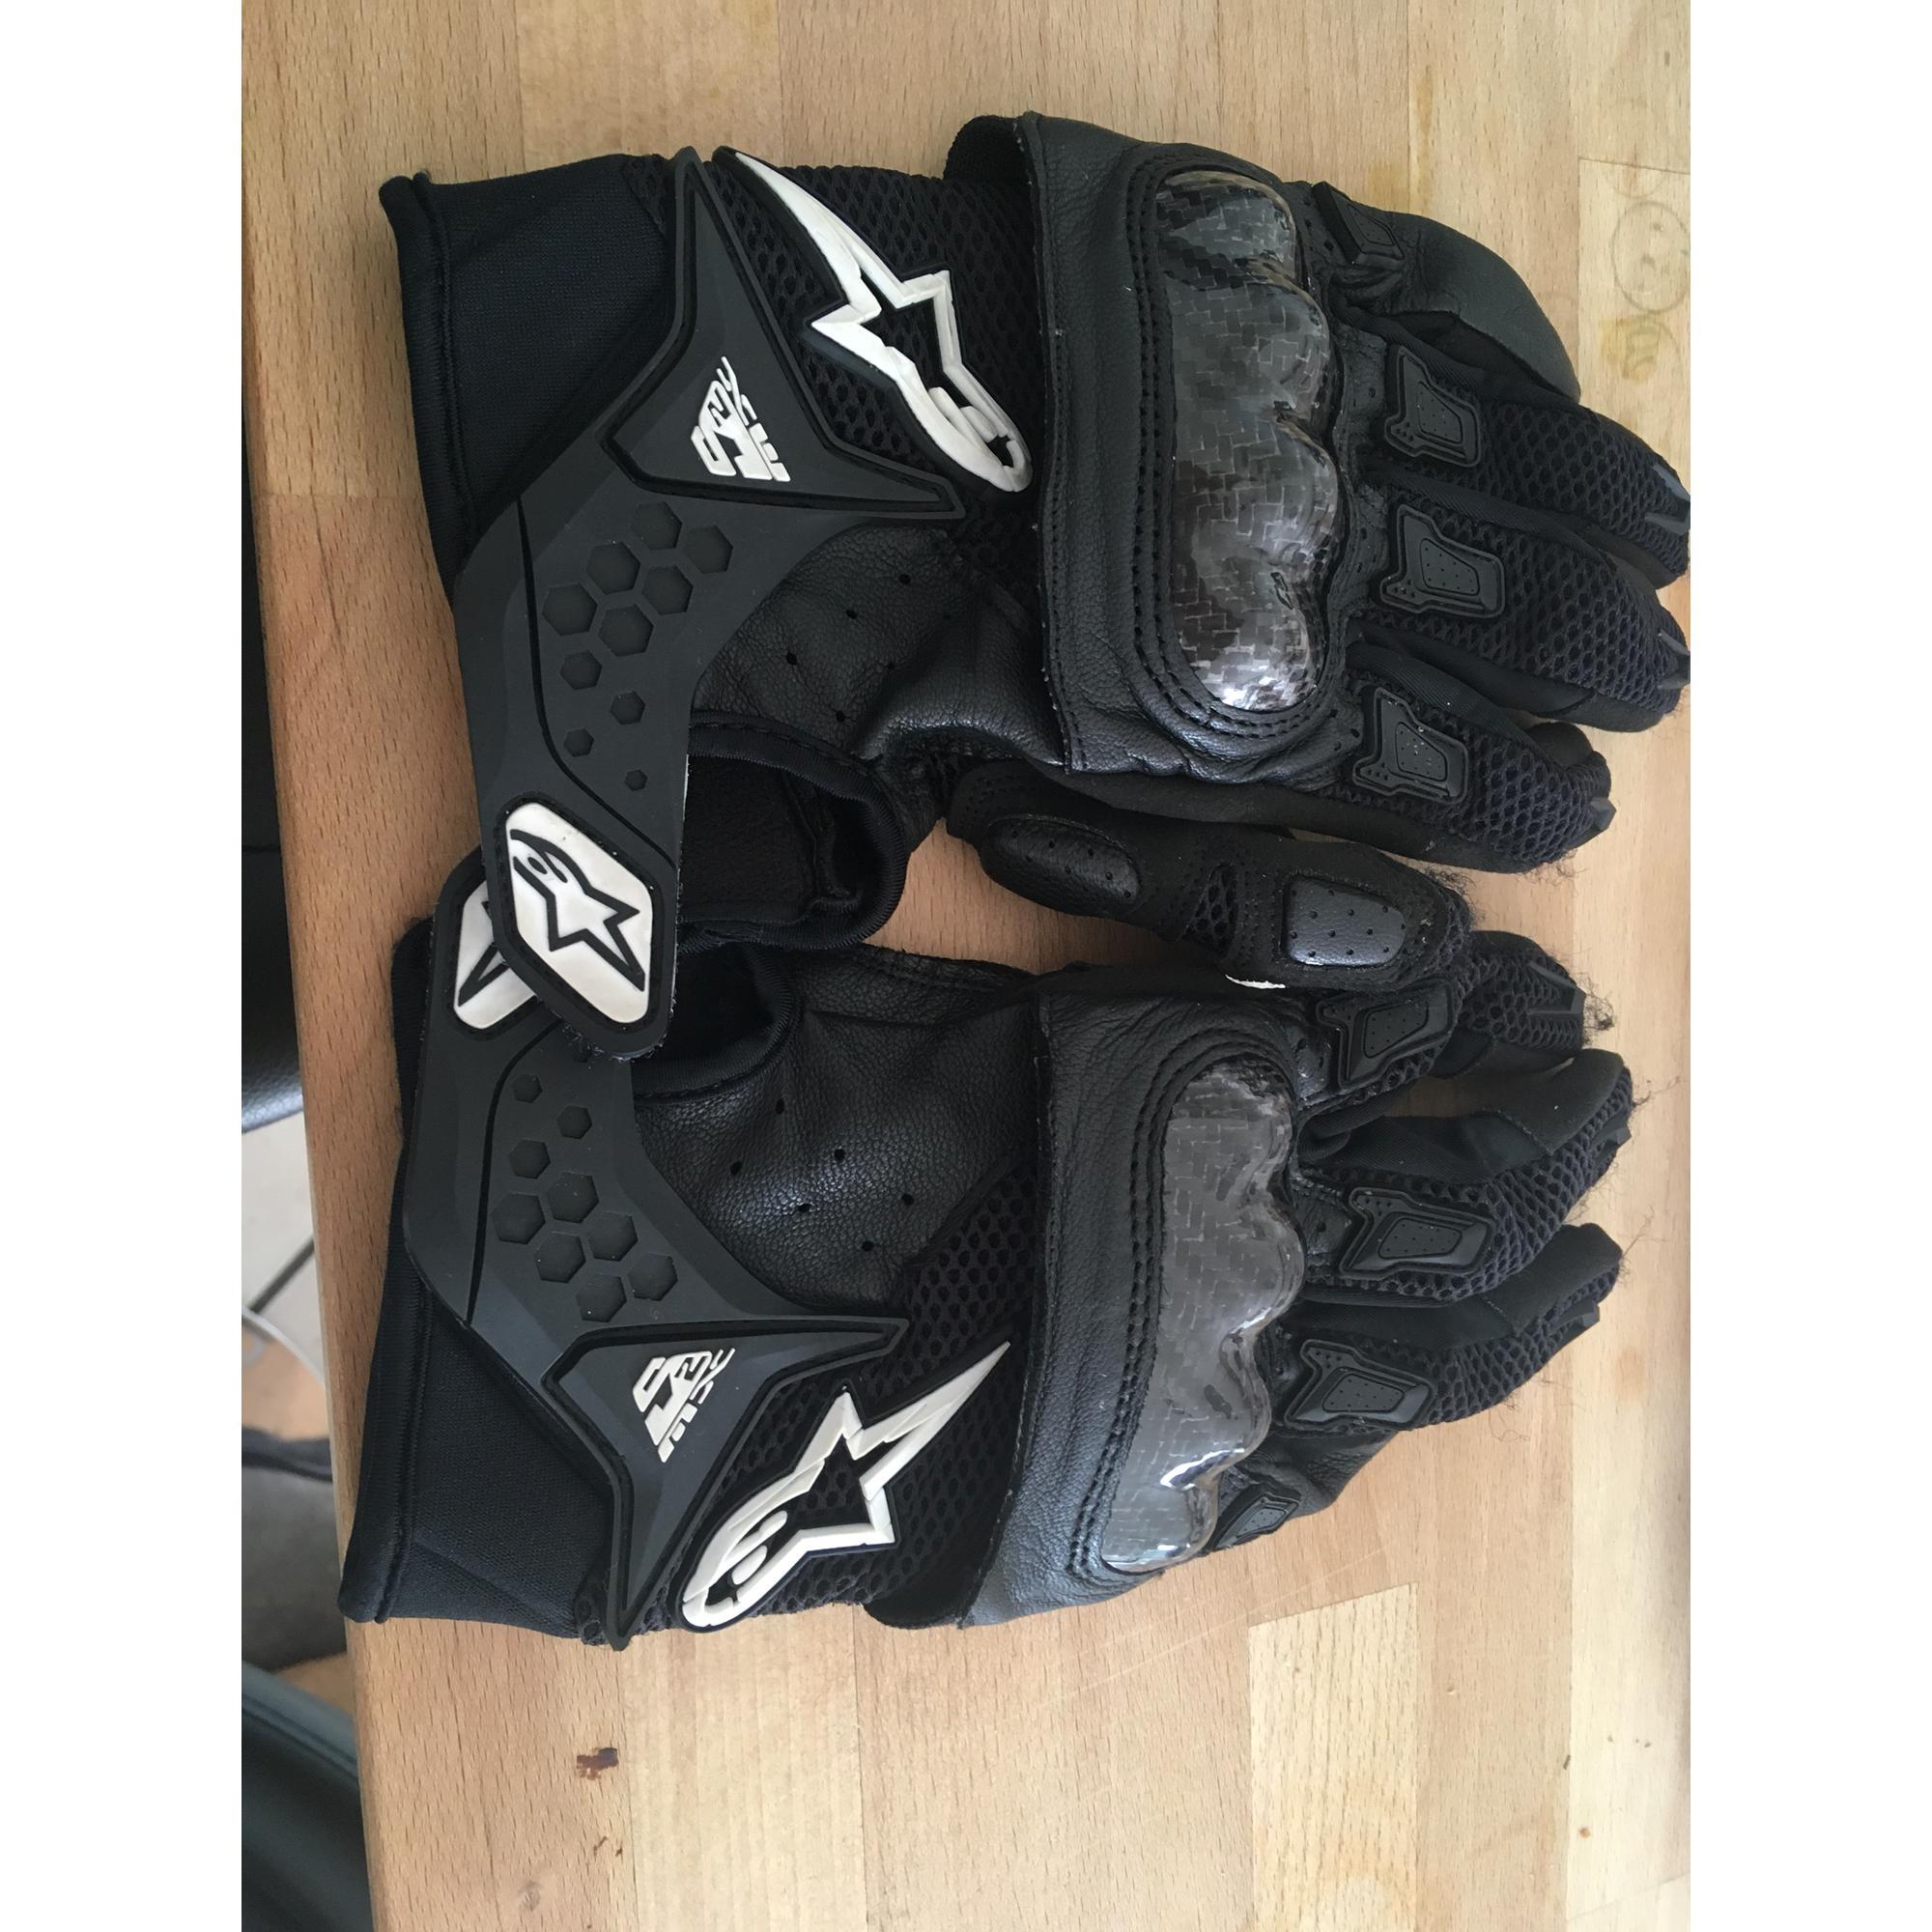 56b25eb010f Alpinestars handsker - kr. 230 - brugte beklædning